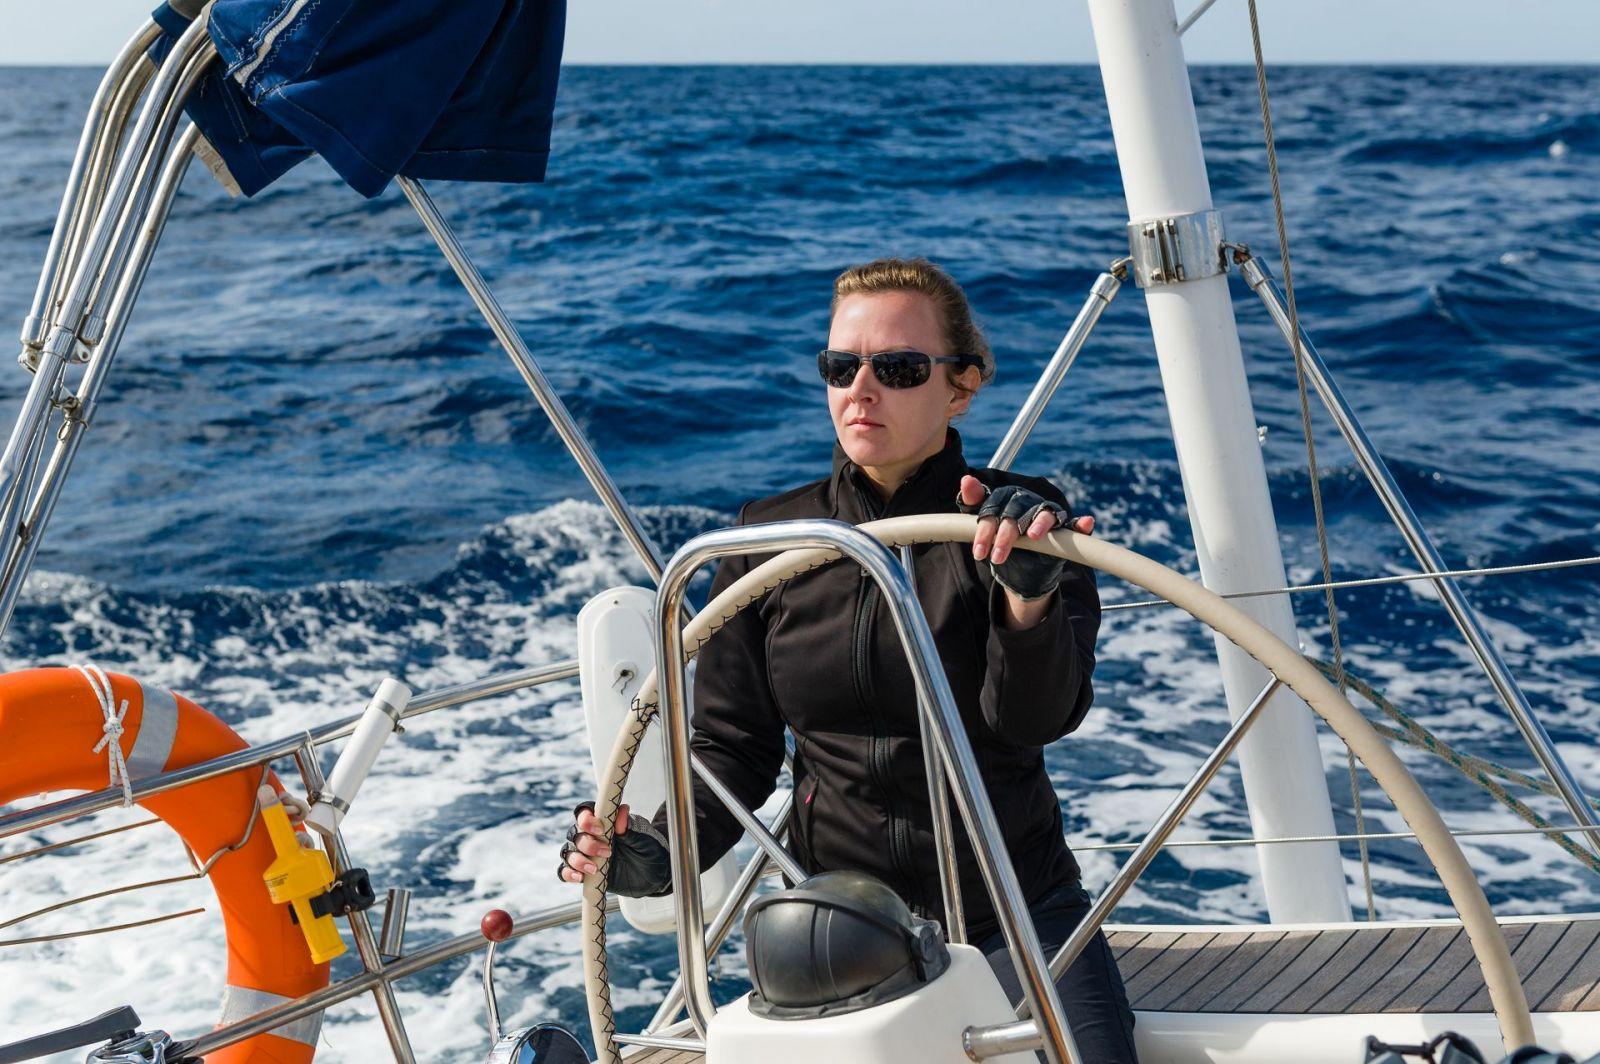 Neben angehenden Skippern ist das Training auch gut für Segler geeignet, die ihre Skipperkenntnisse wieder auffrischen oder erweitern möchten. ©AlexanderNikiforov/AdobeStock